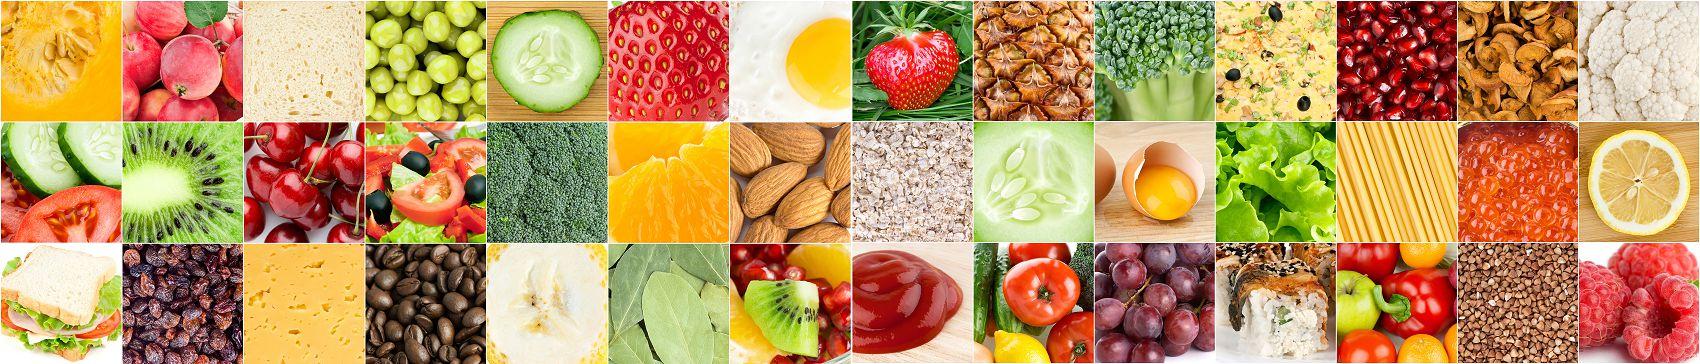 Коллаж овощи и фрукты